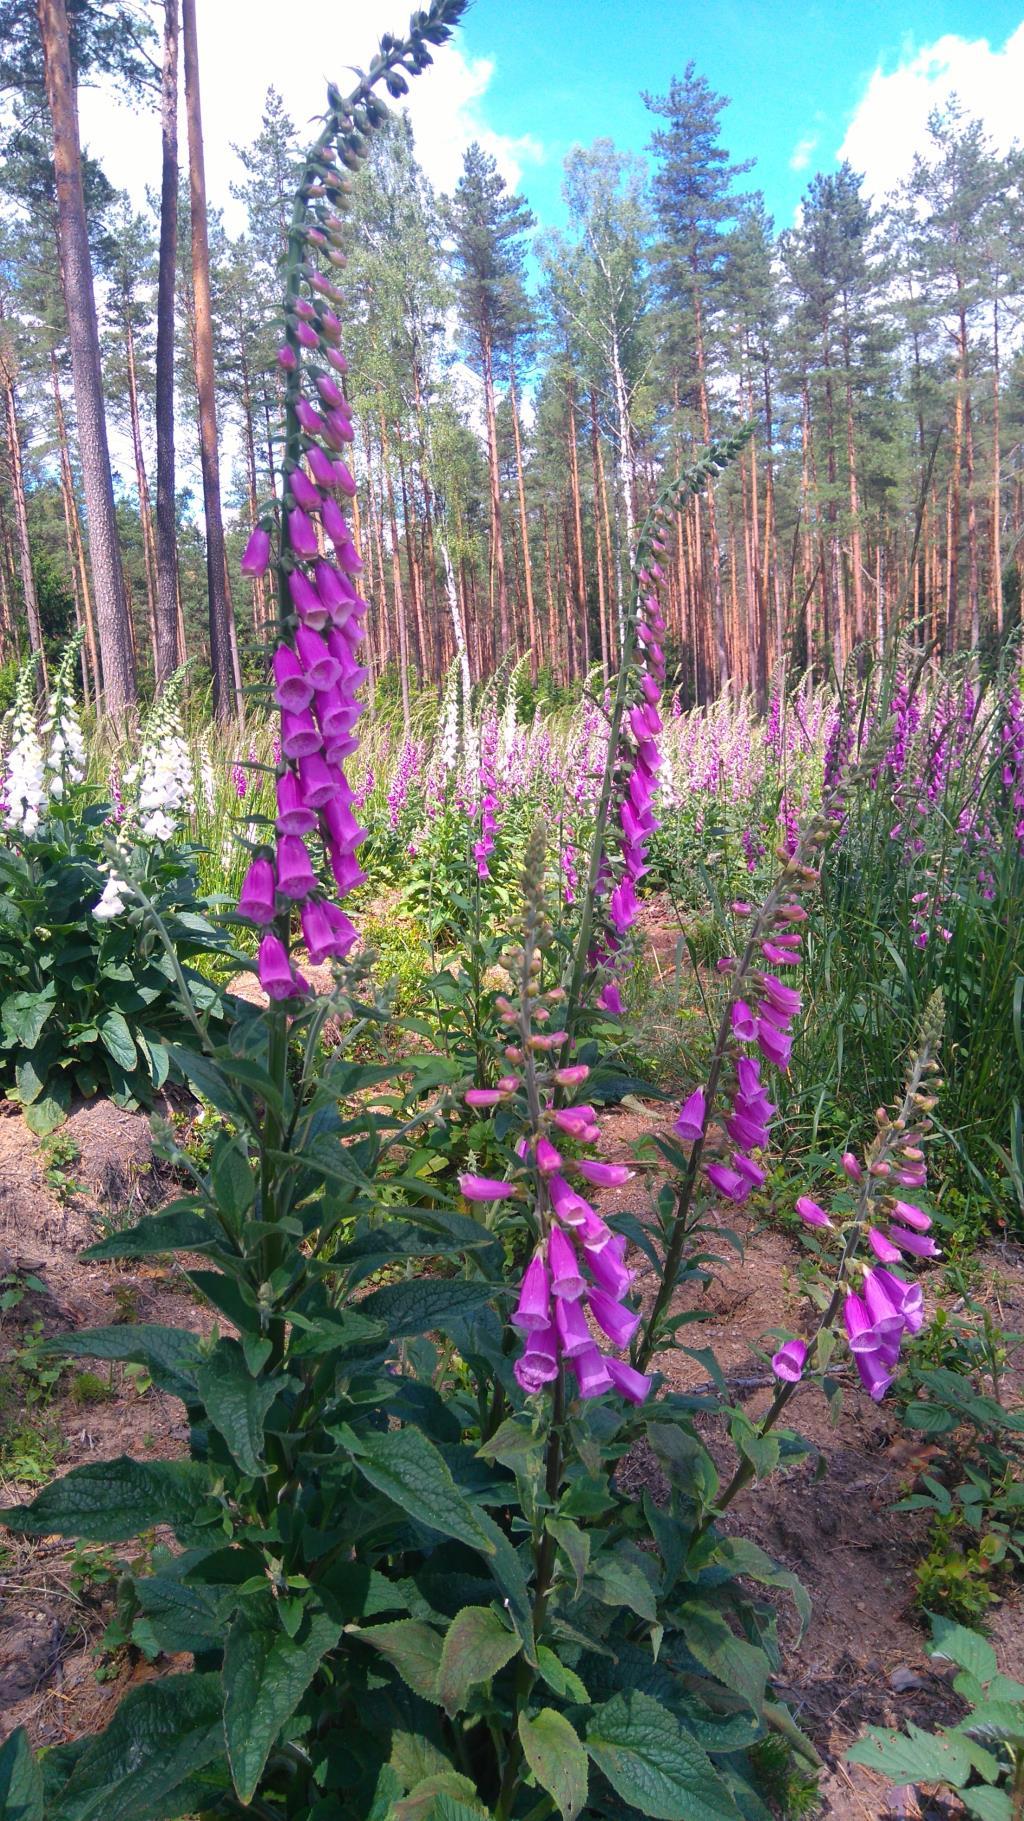 Цветочный огород в лесу. Лесной пейзаж